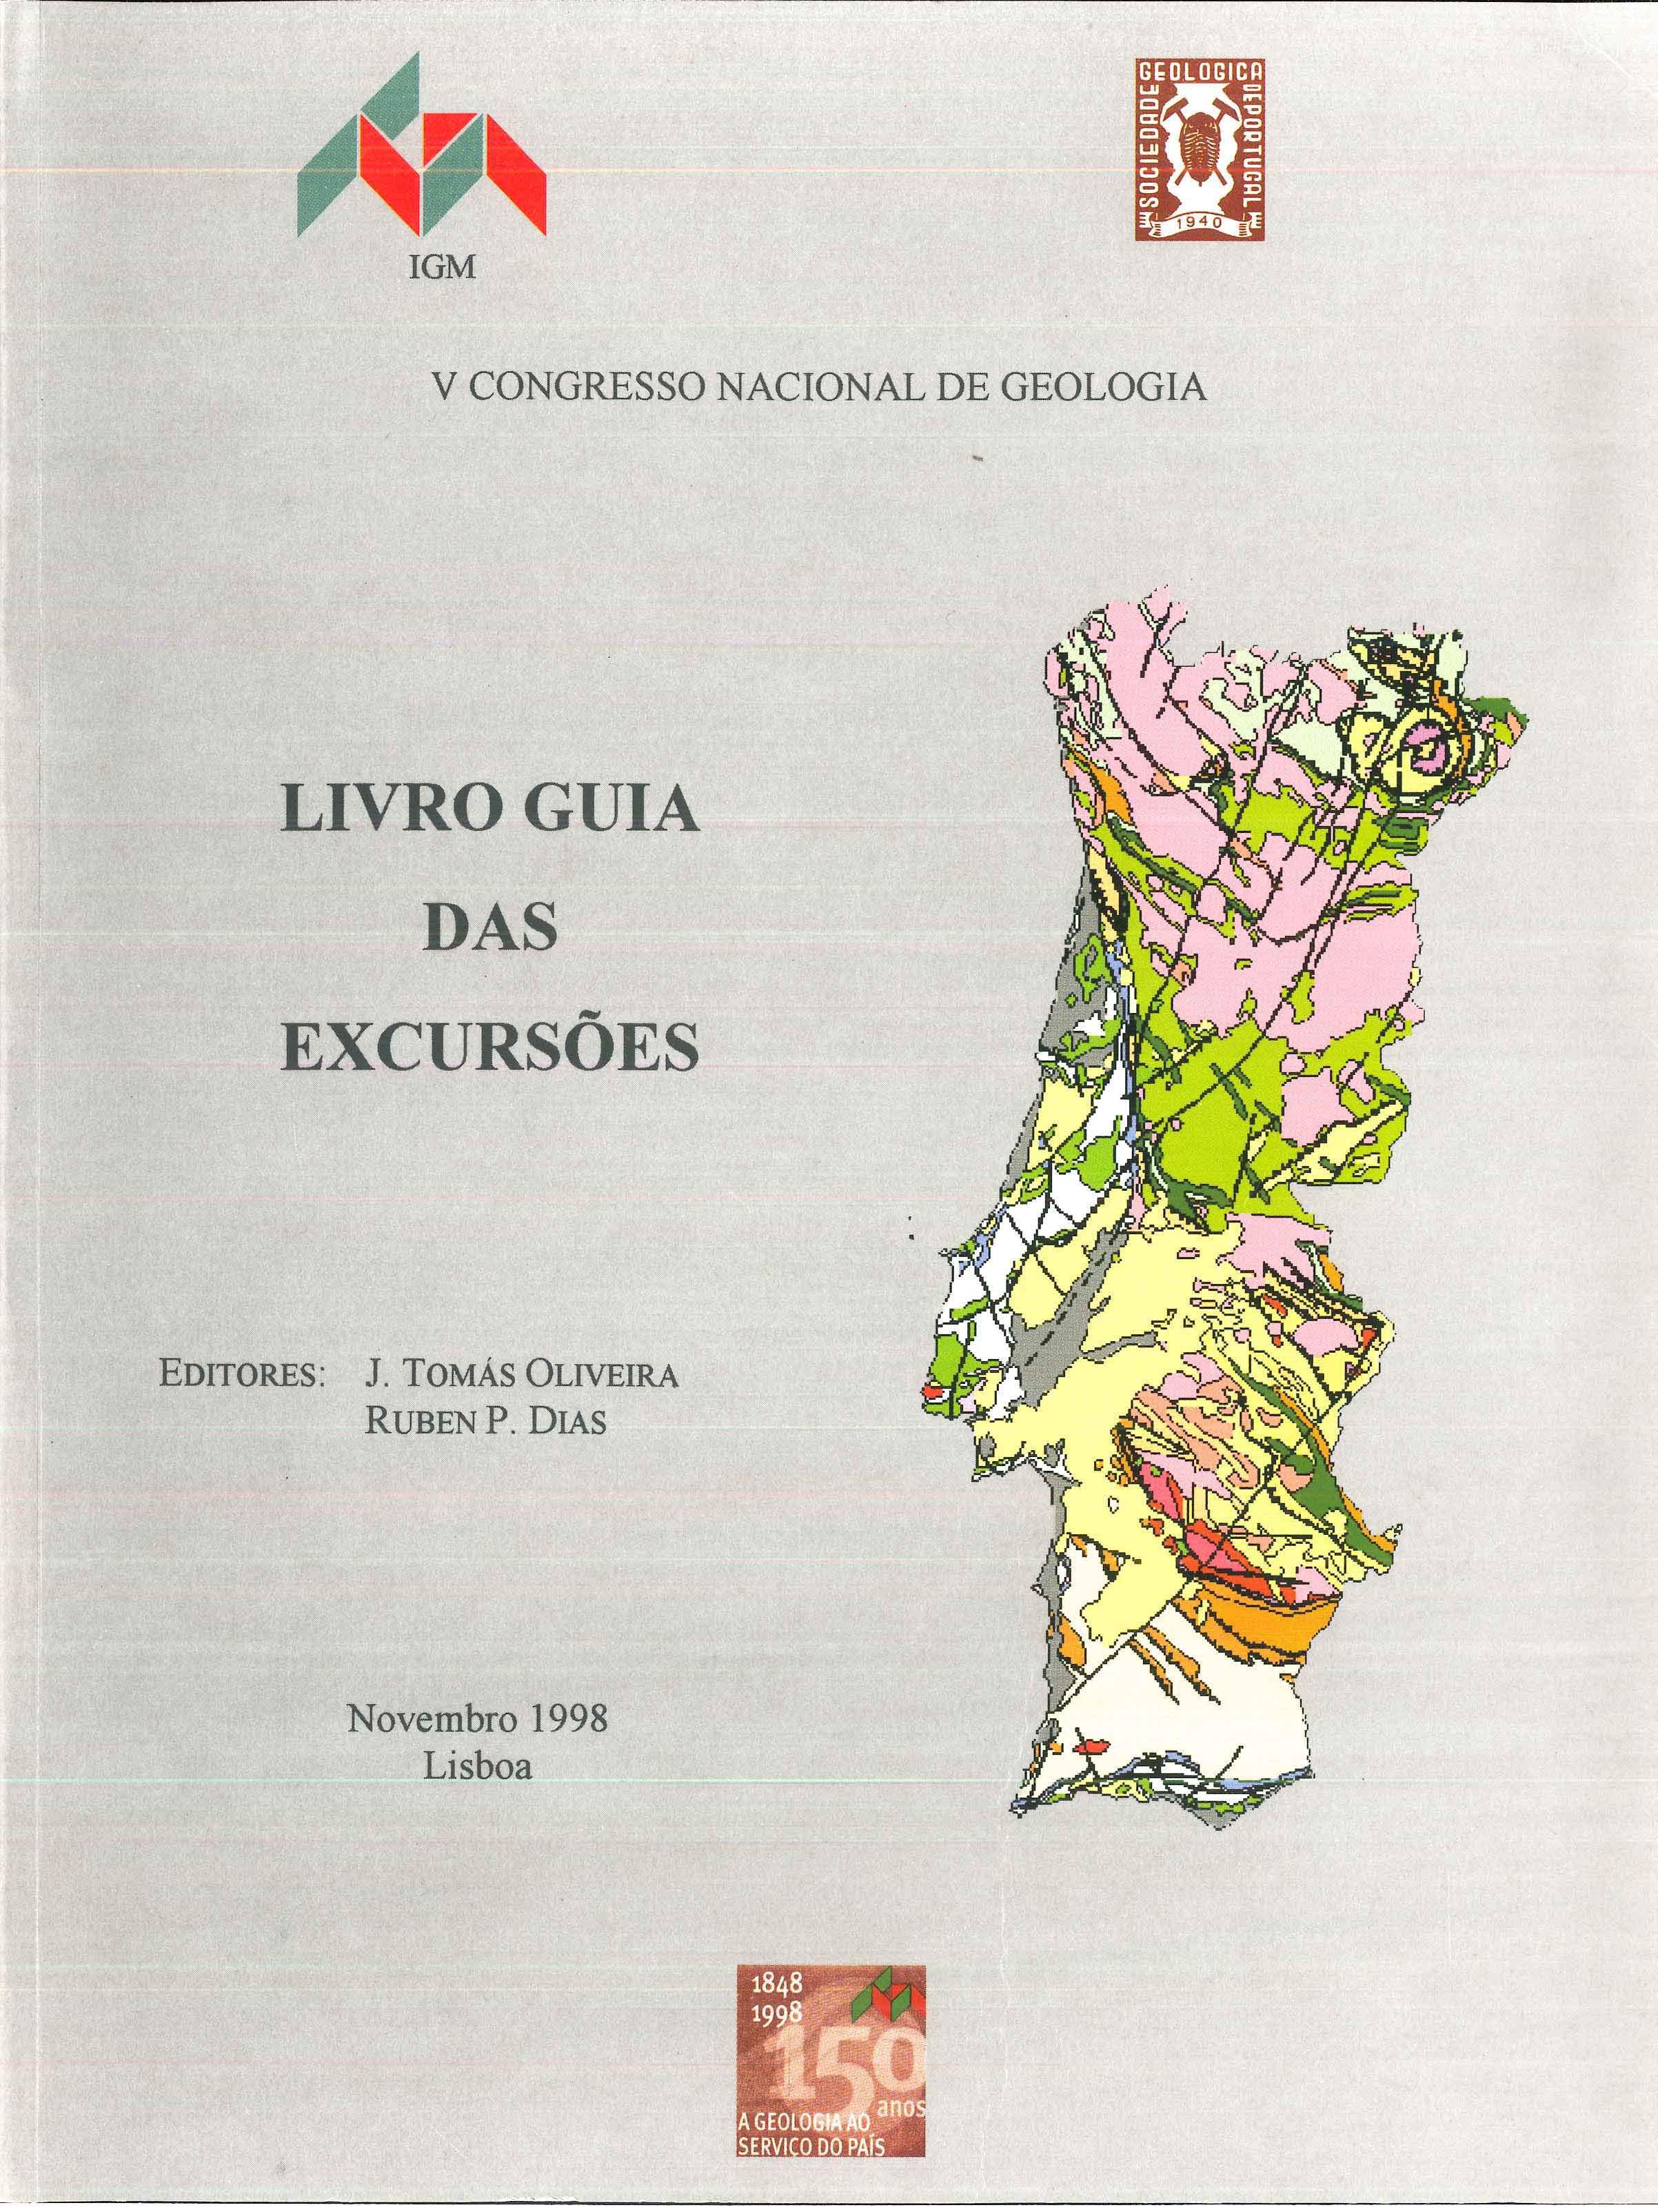 Livro Guia das Excursões do V Congresso Nacional de Geologia